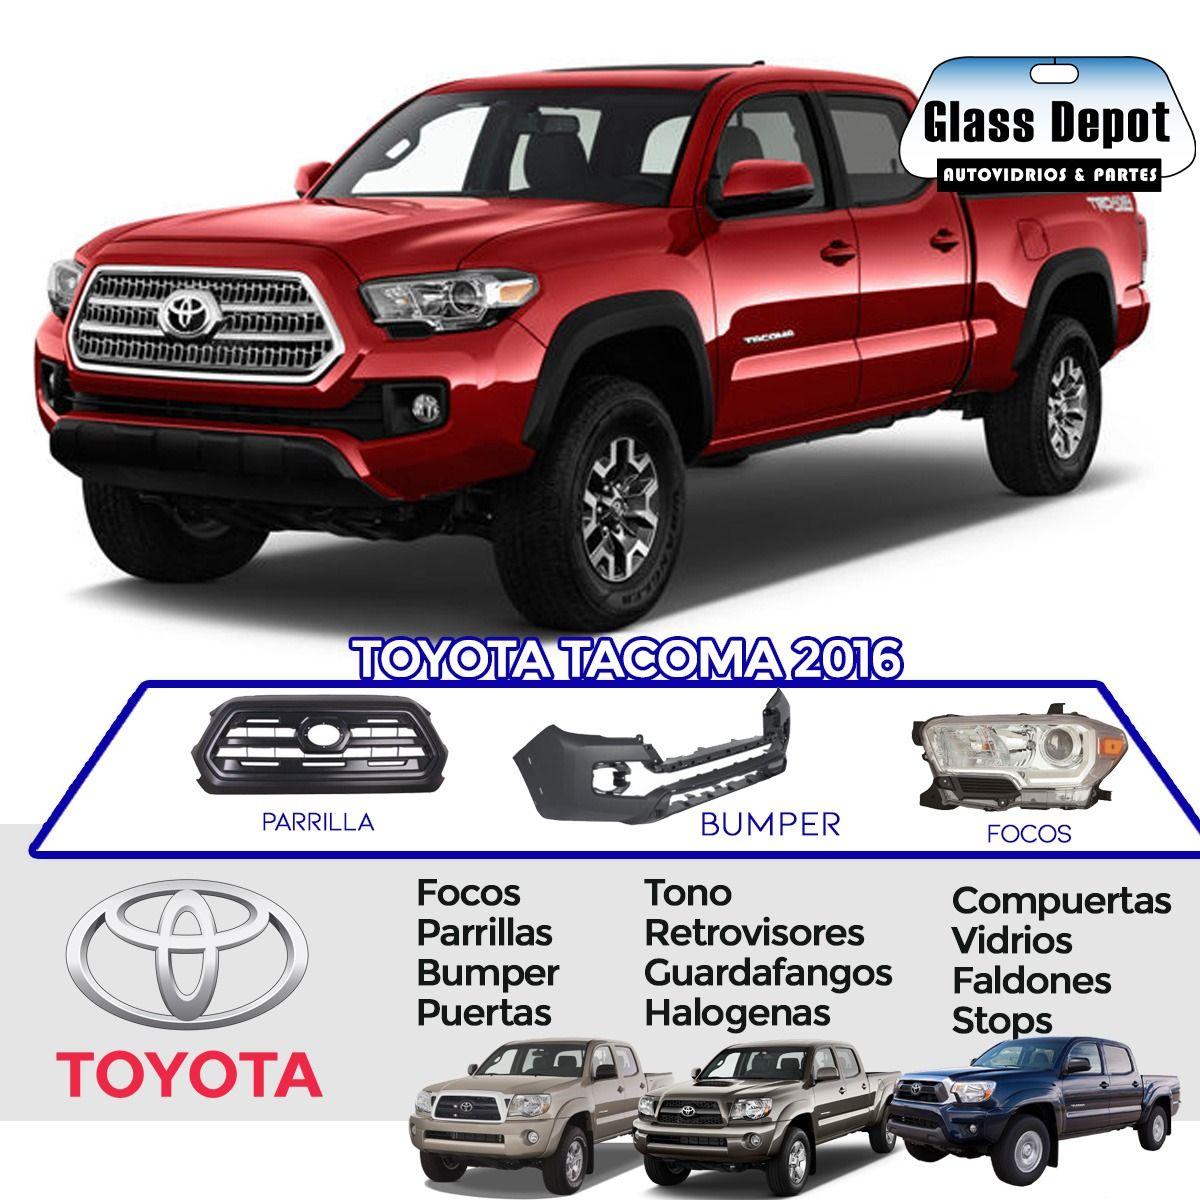 Repuestos Para Vehiculos Vidrios Y Partes Para Toyota Tacoma 2016